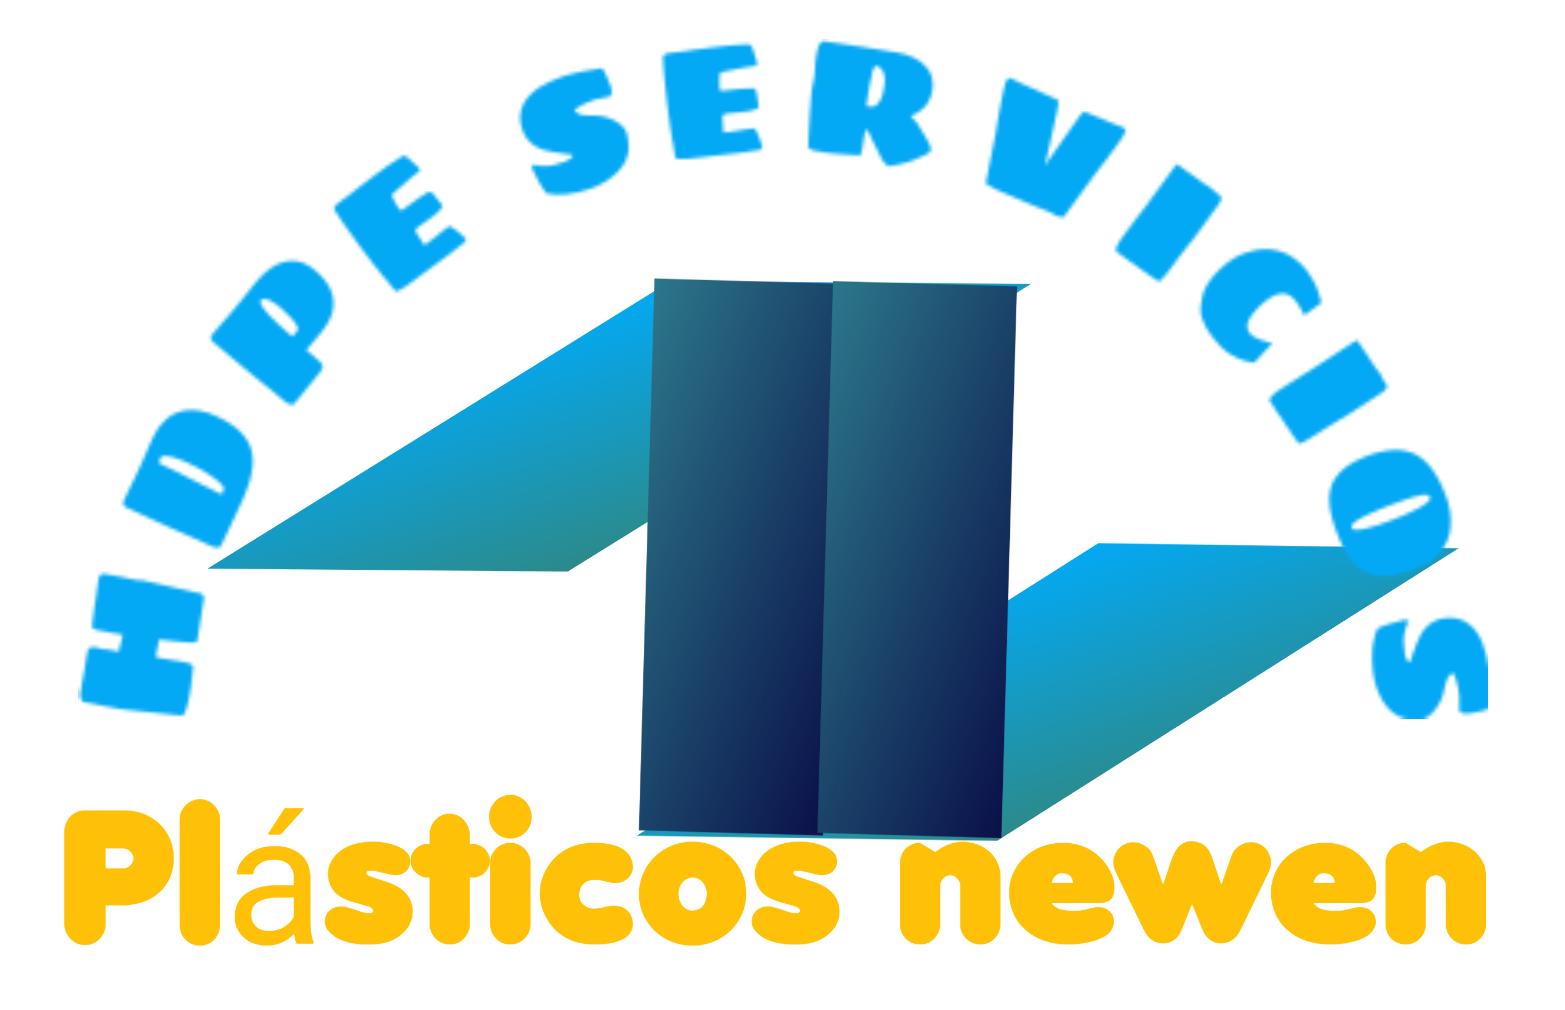 PlasticosNewen